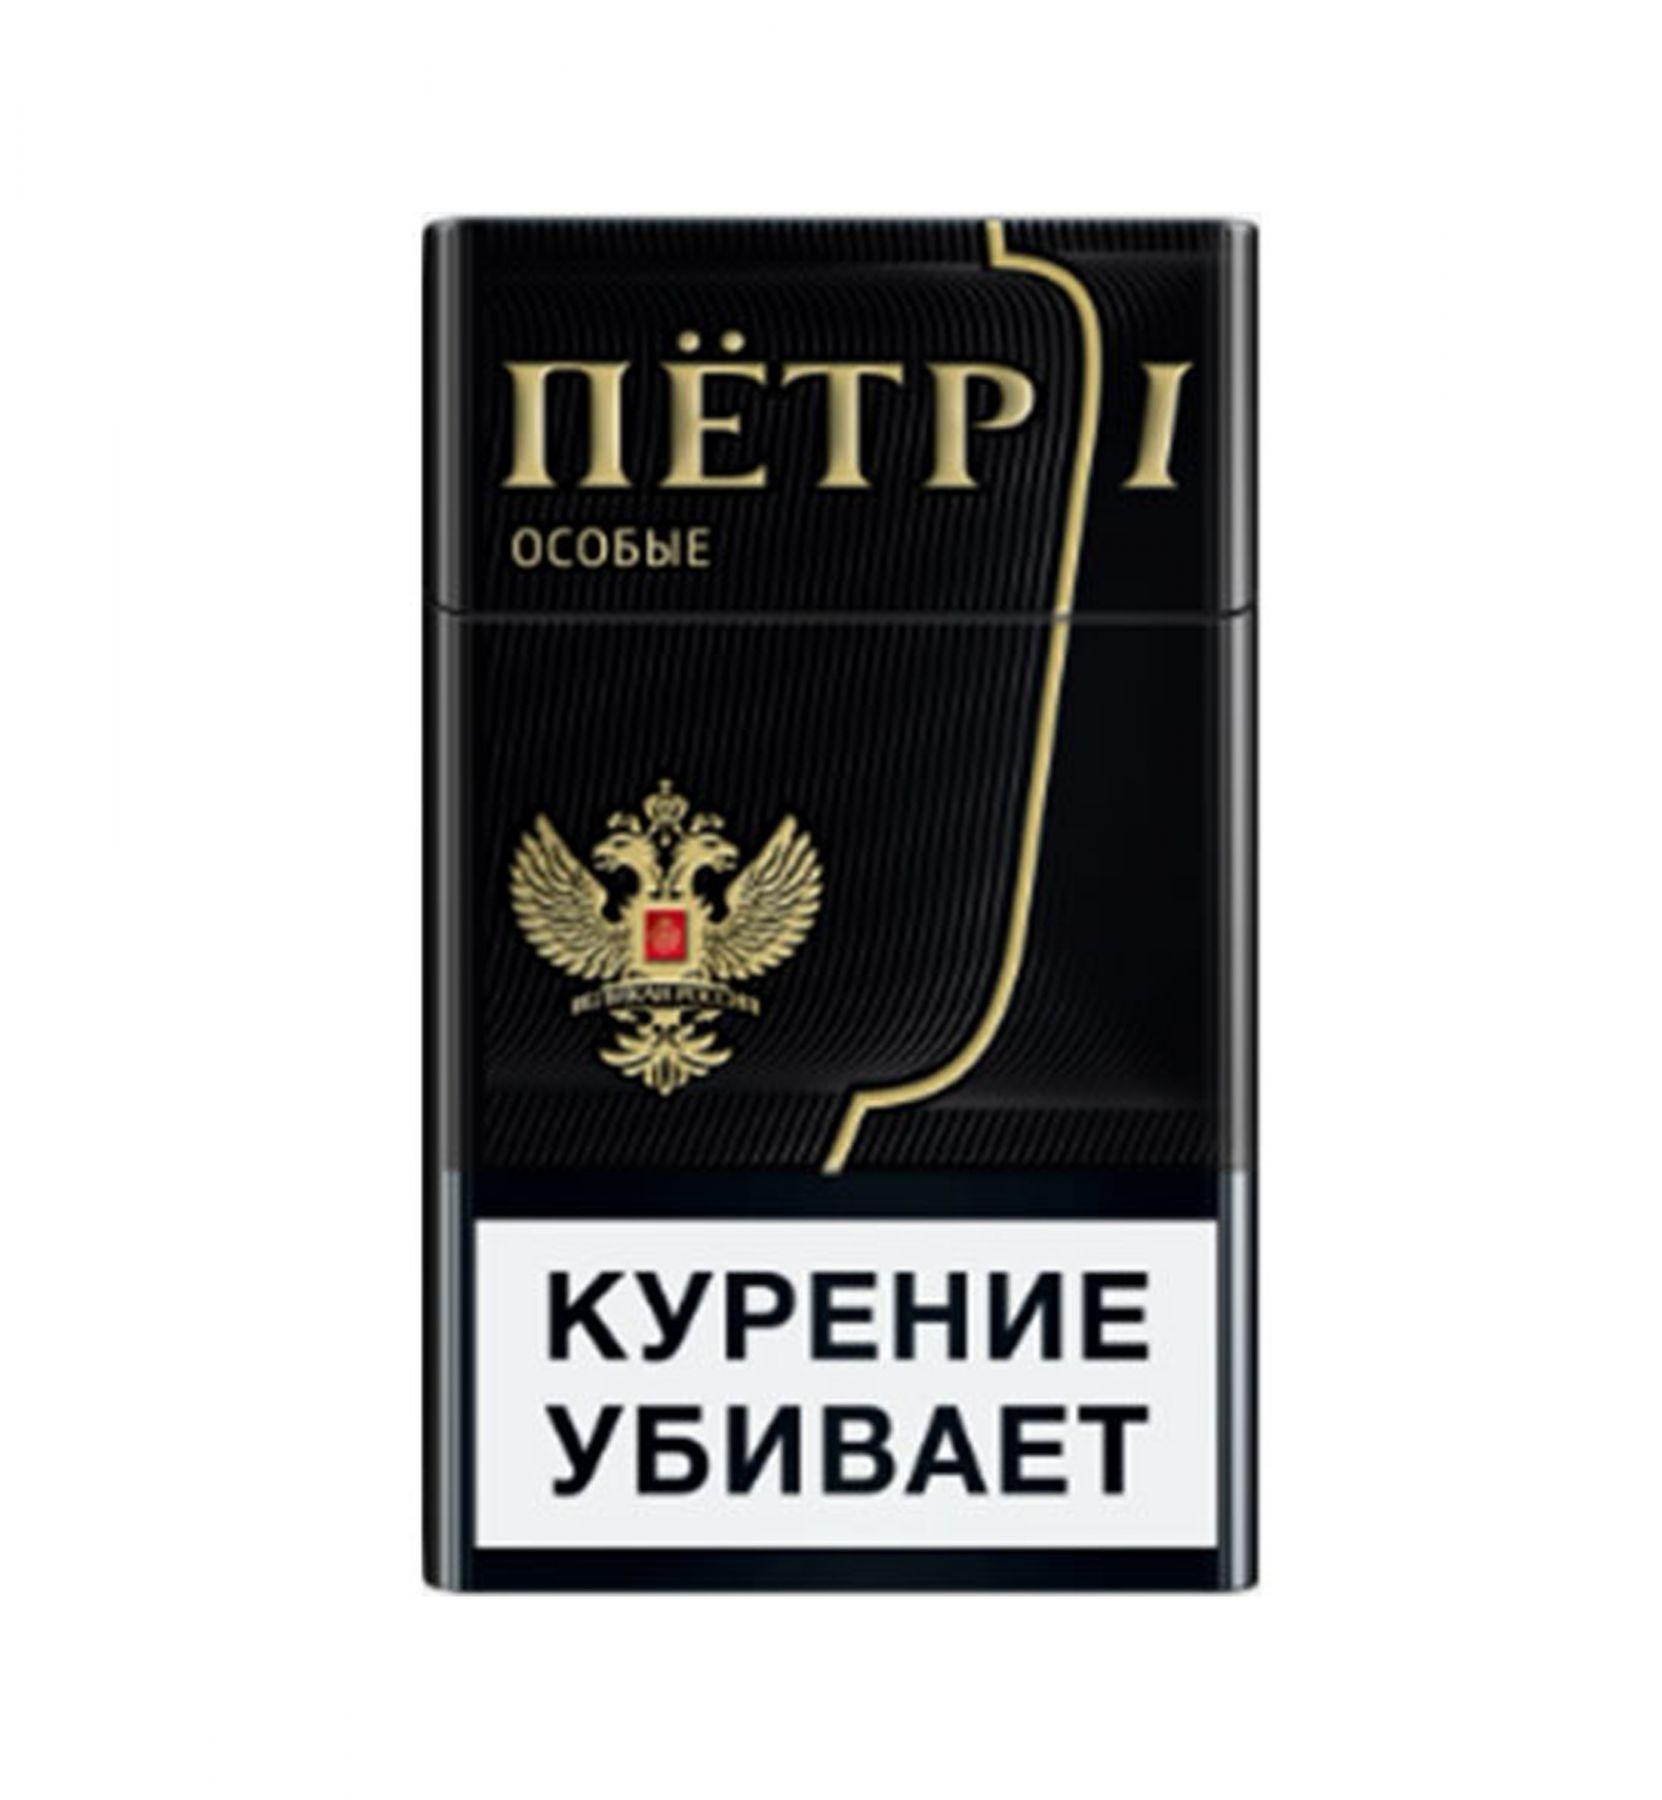 Купить сигареты петр дешево в спб электронные сигареты много дыма купить